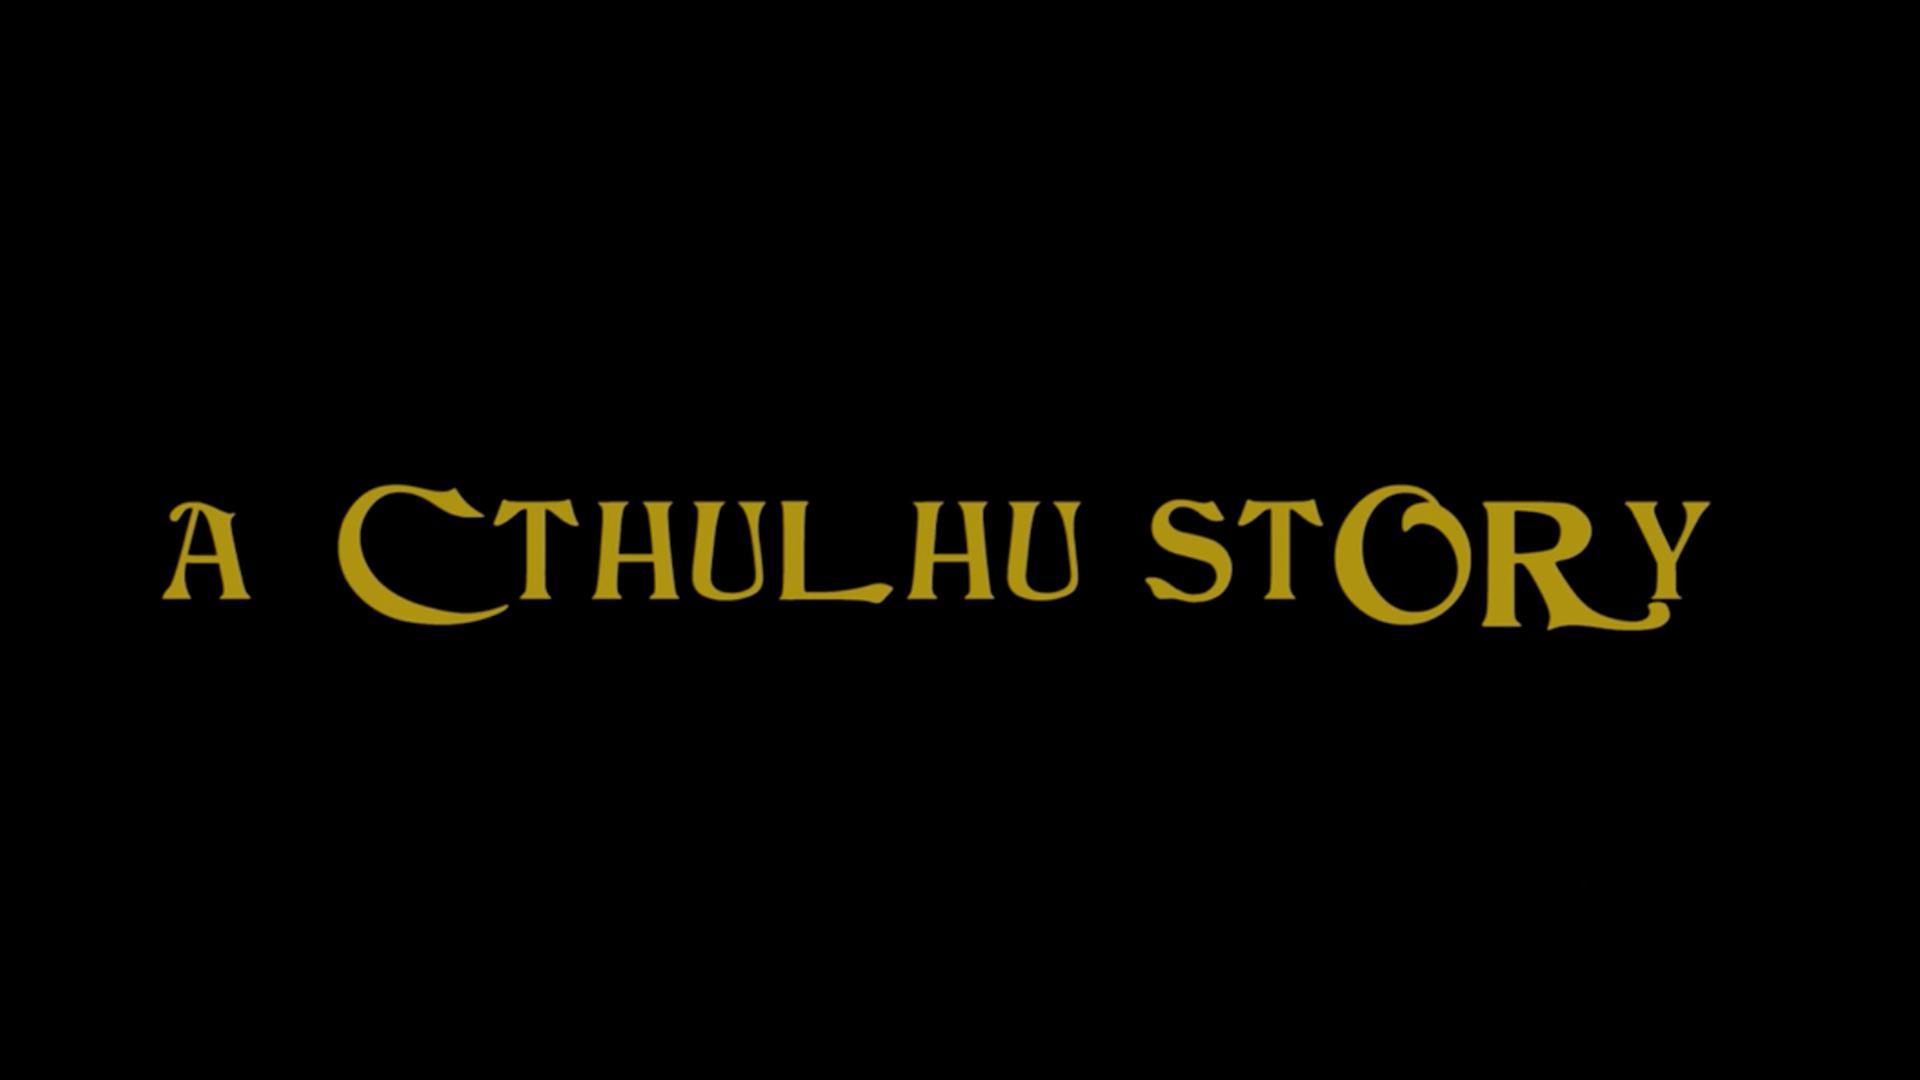 A Cthulhu Stroy